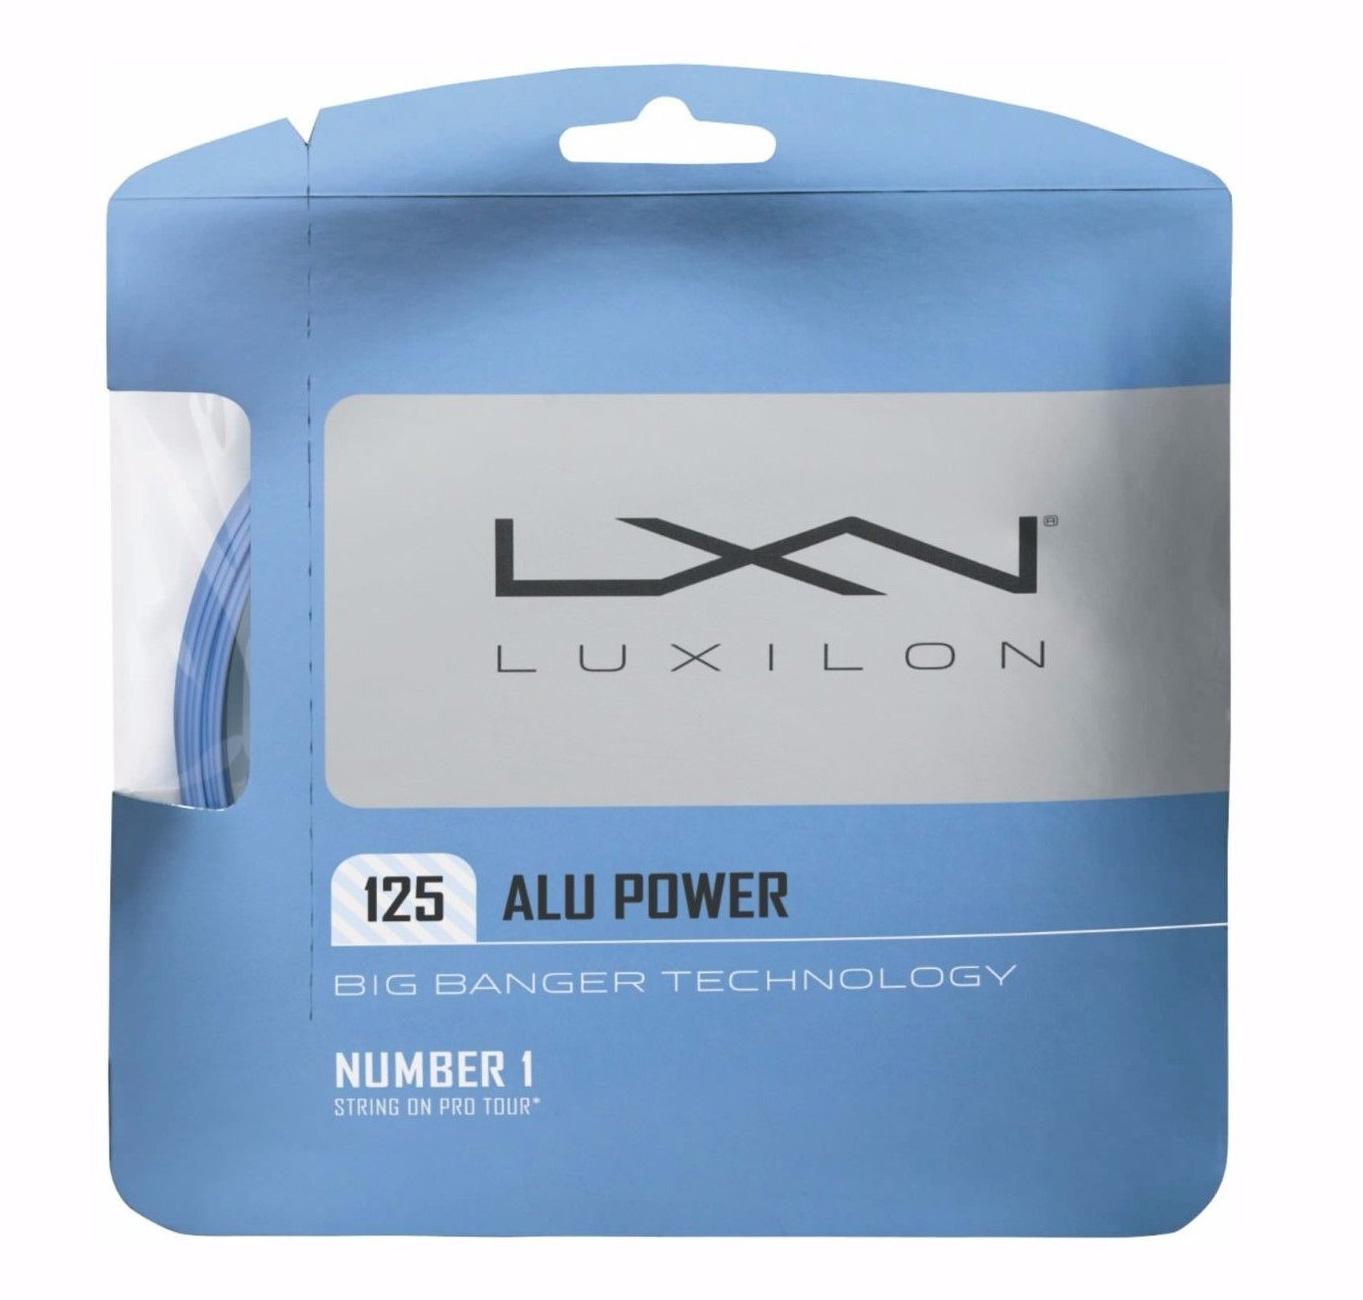 Luxilon Alu Power 125 Ice Blue